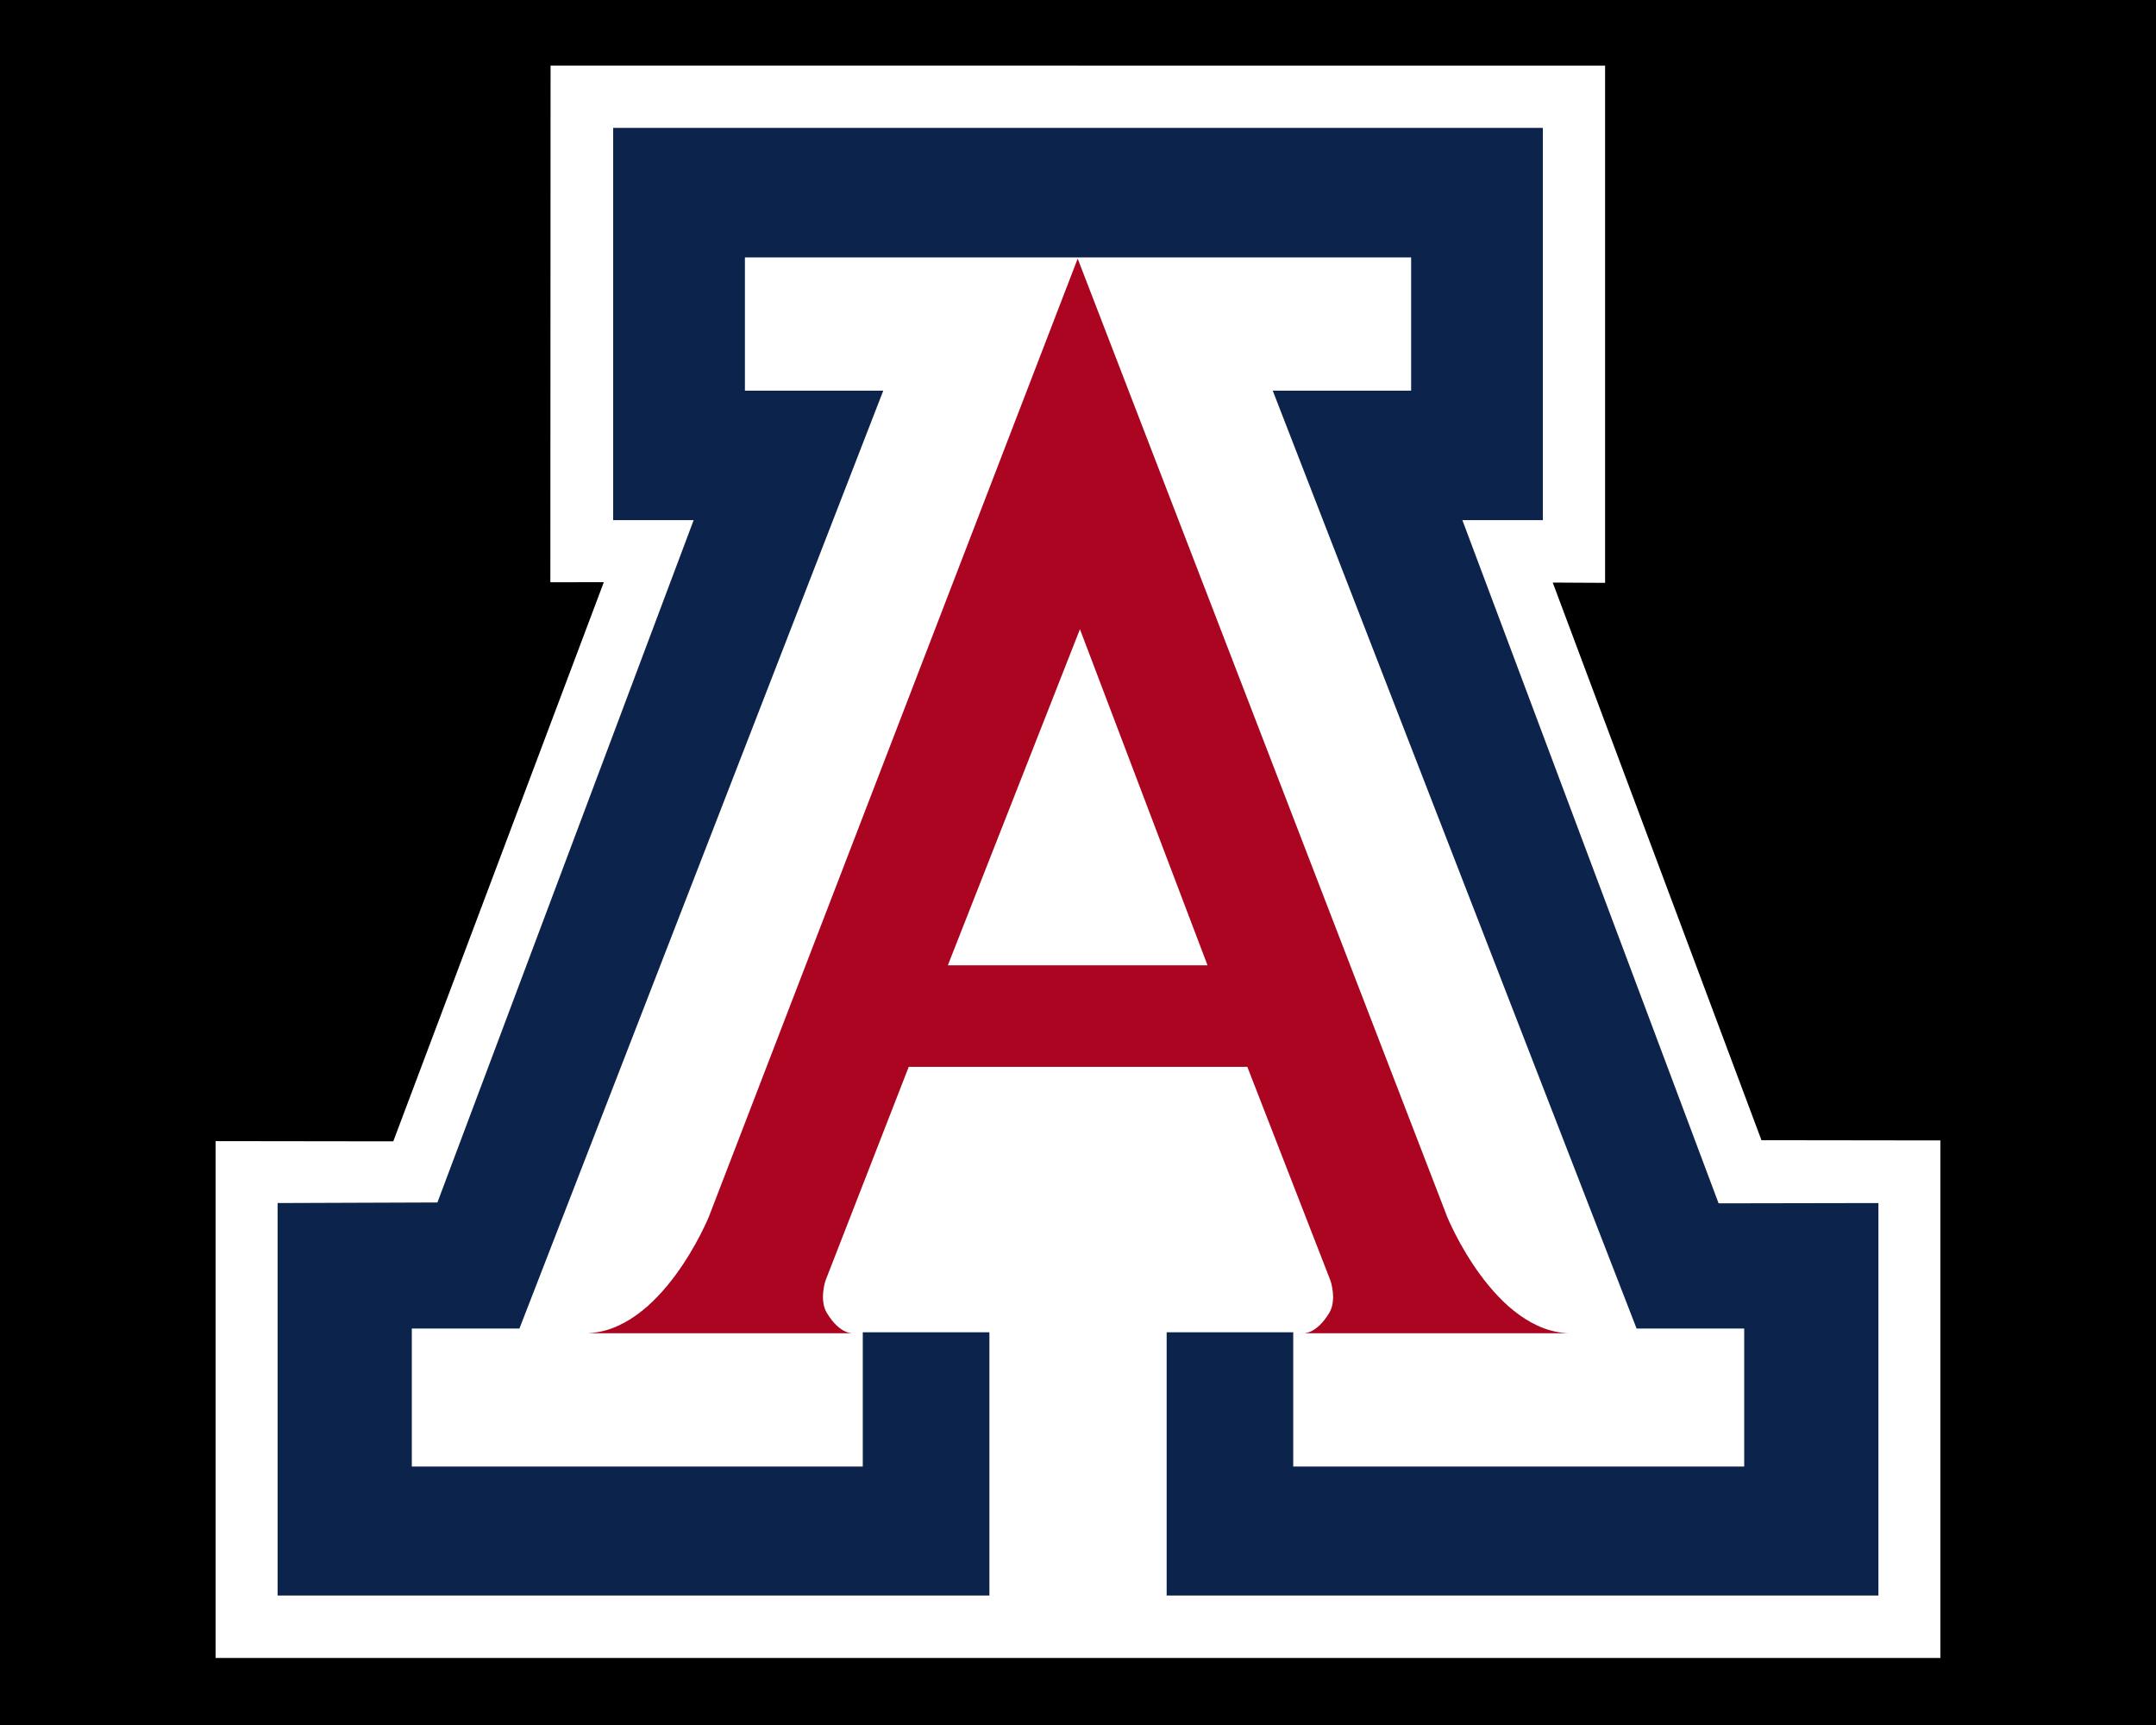 Meaning University of Arizona logo and symbol.